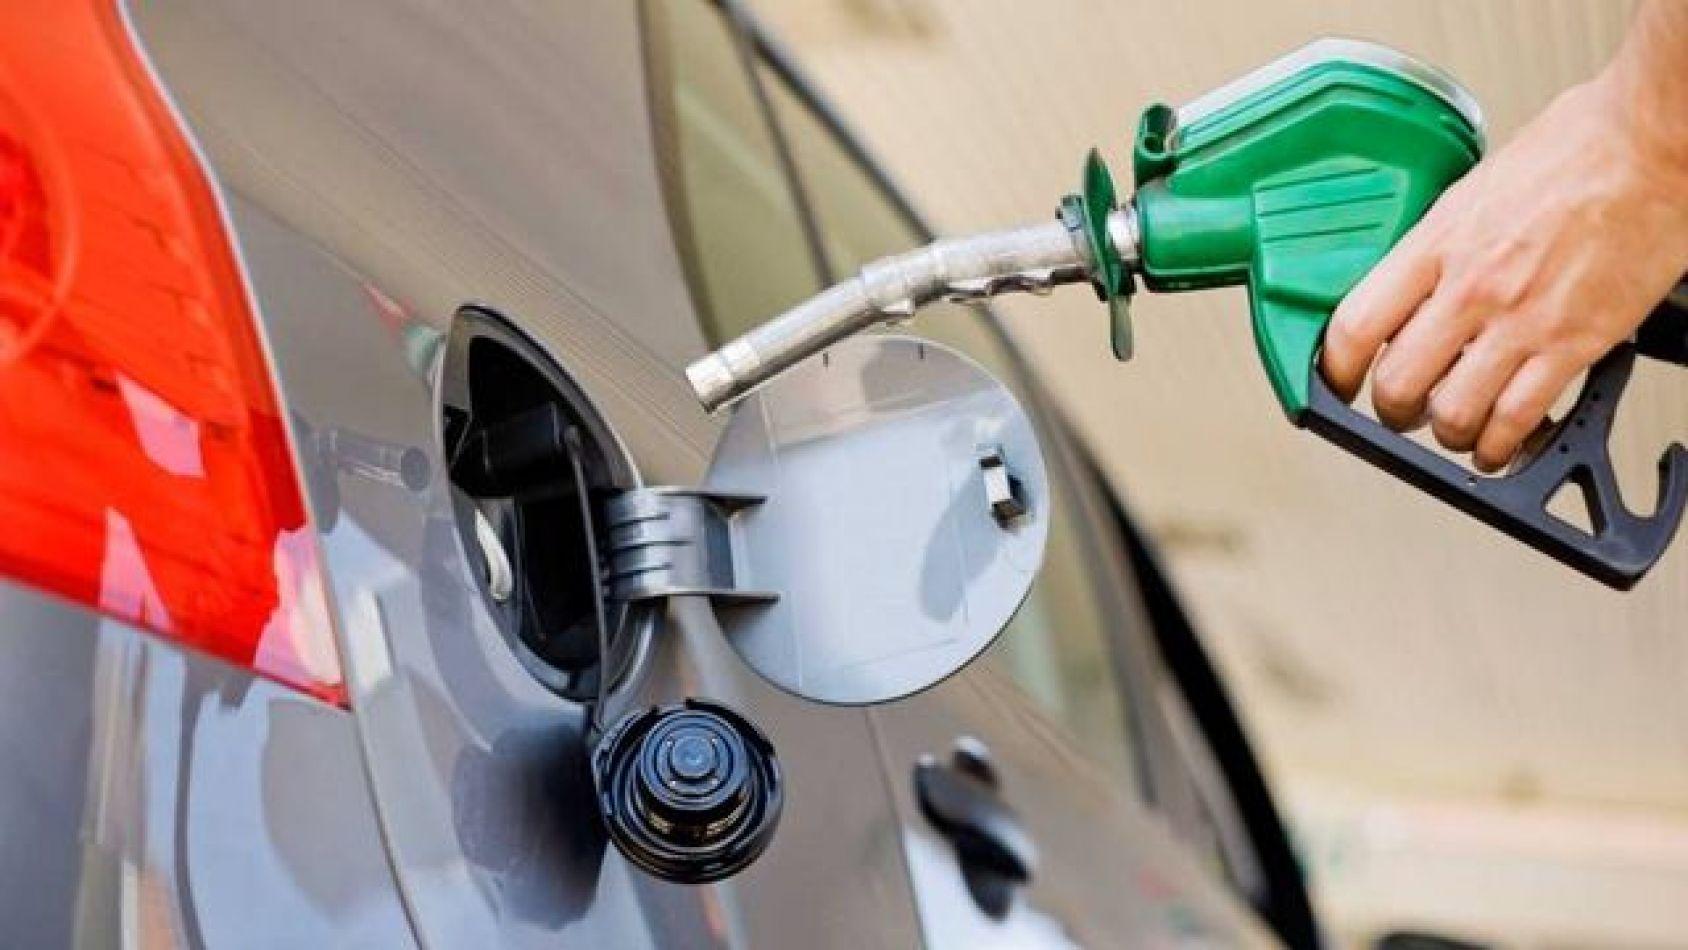 El domingo 1 de diciembre subirán los precios de los combustibles